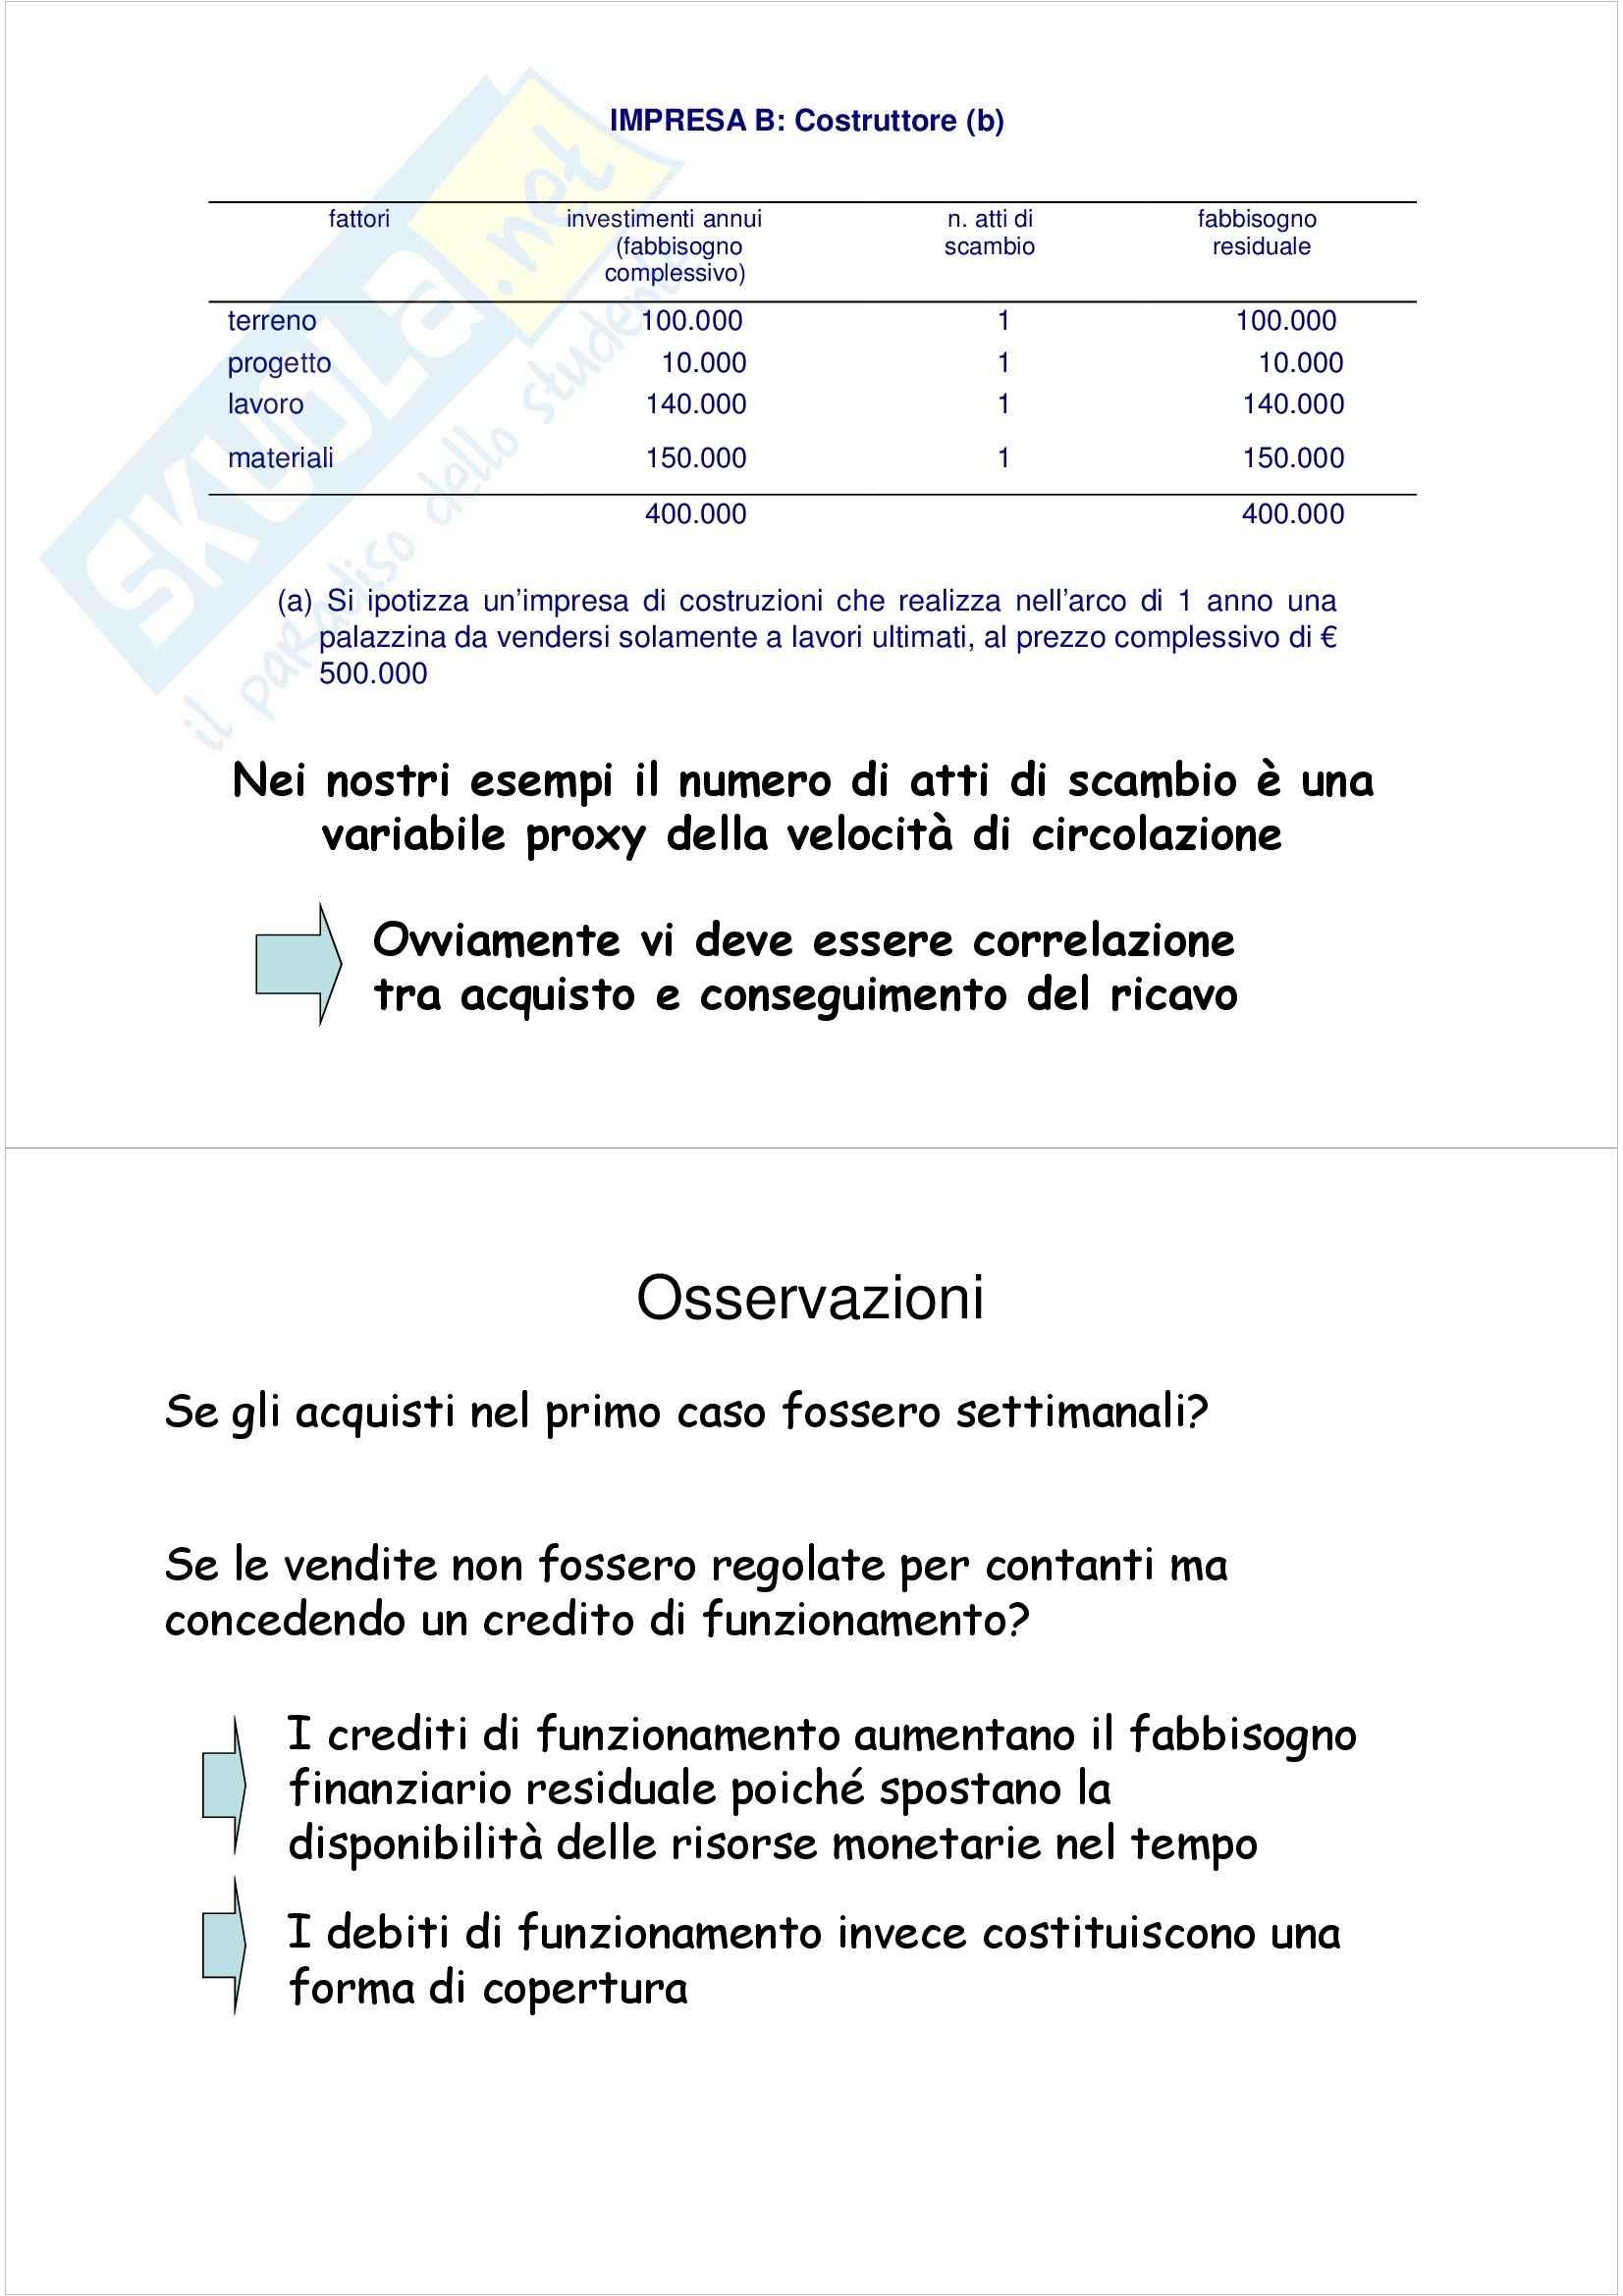 Economia aziendale - Appunti Pag. 46